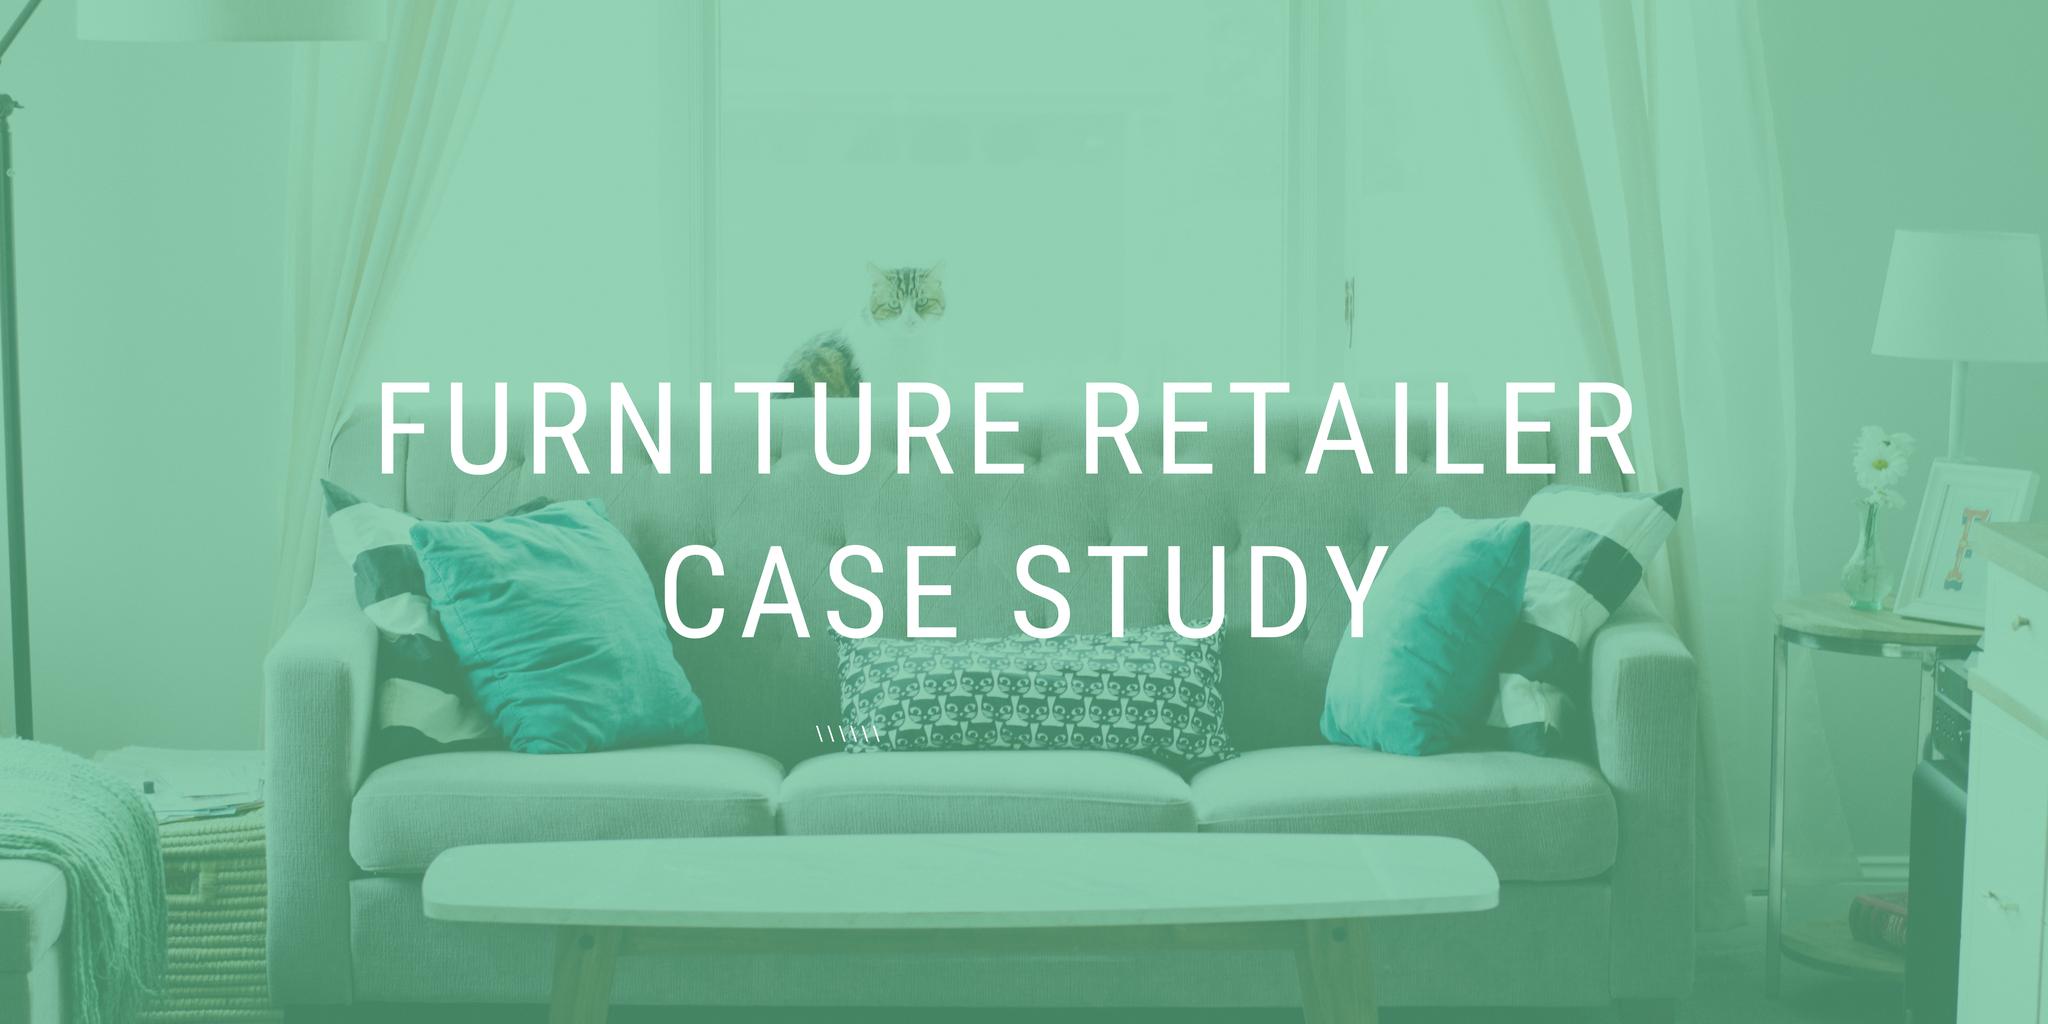 Furniture Case Study Header